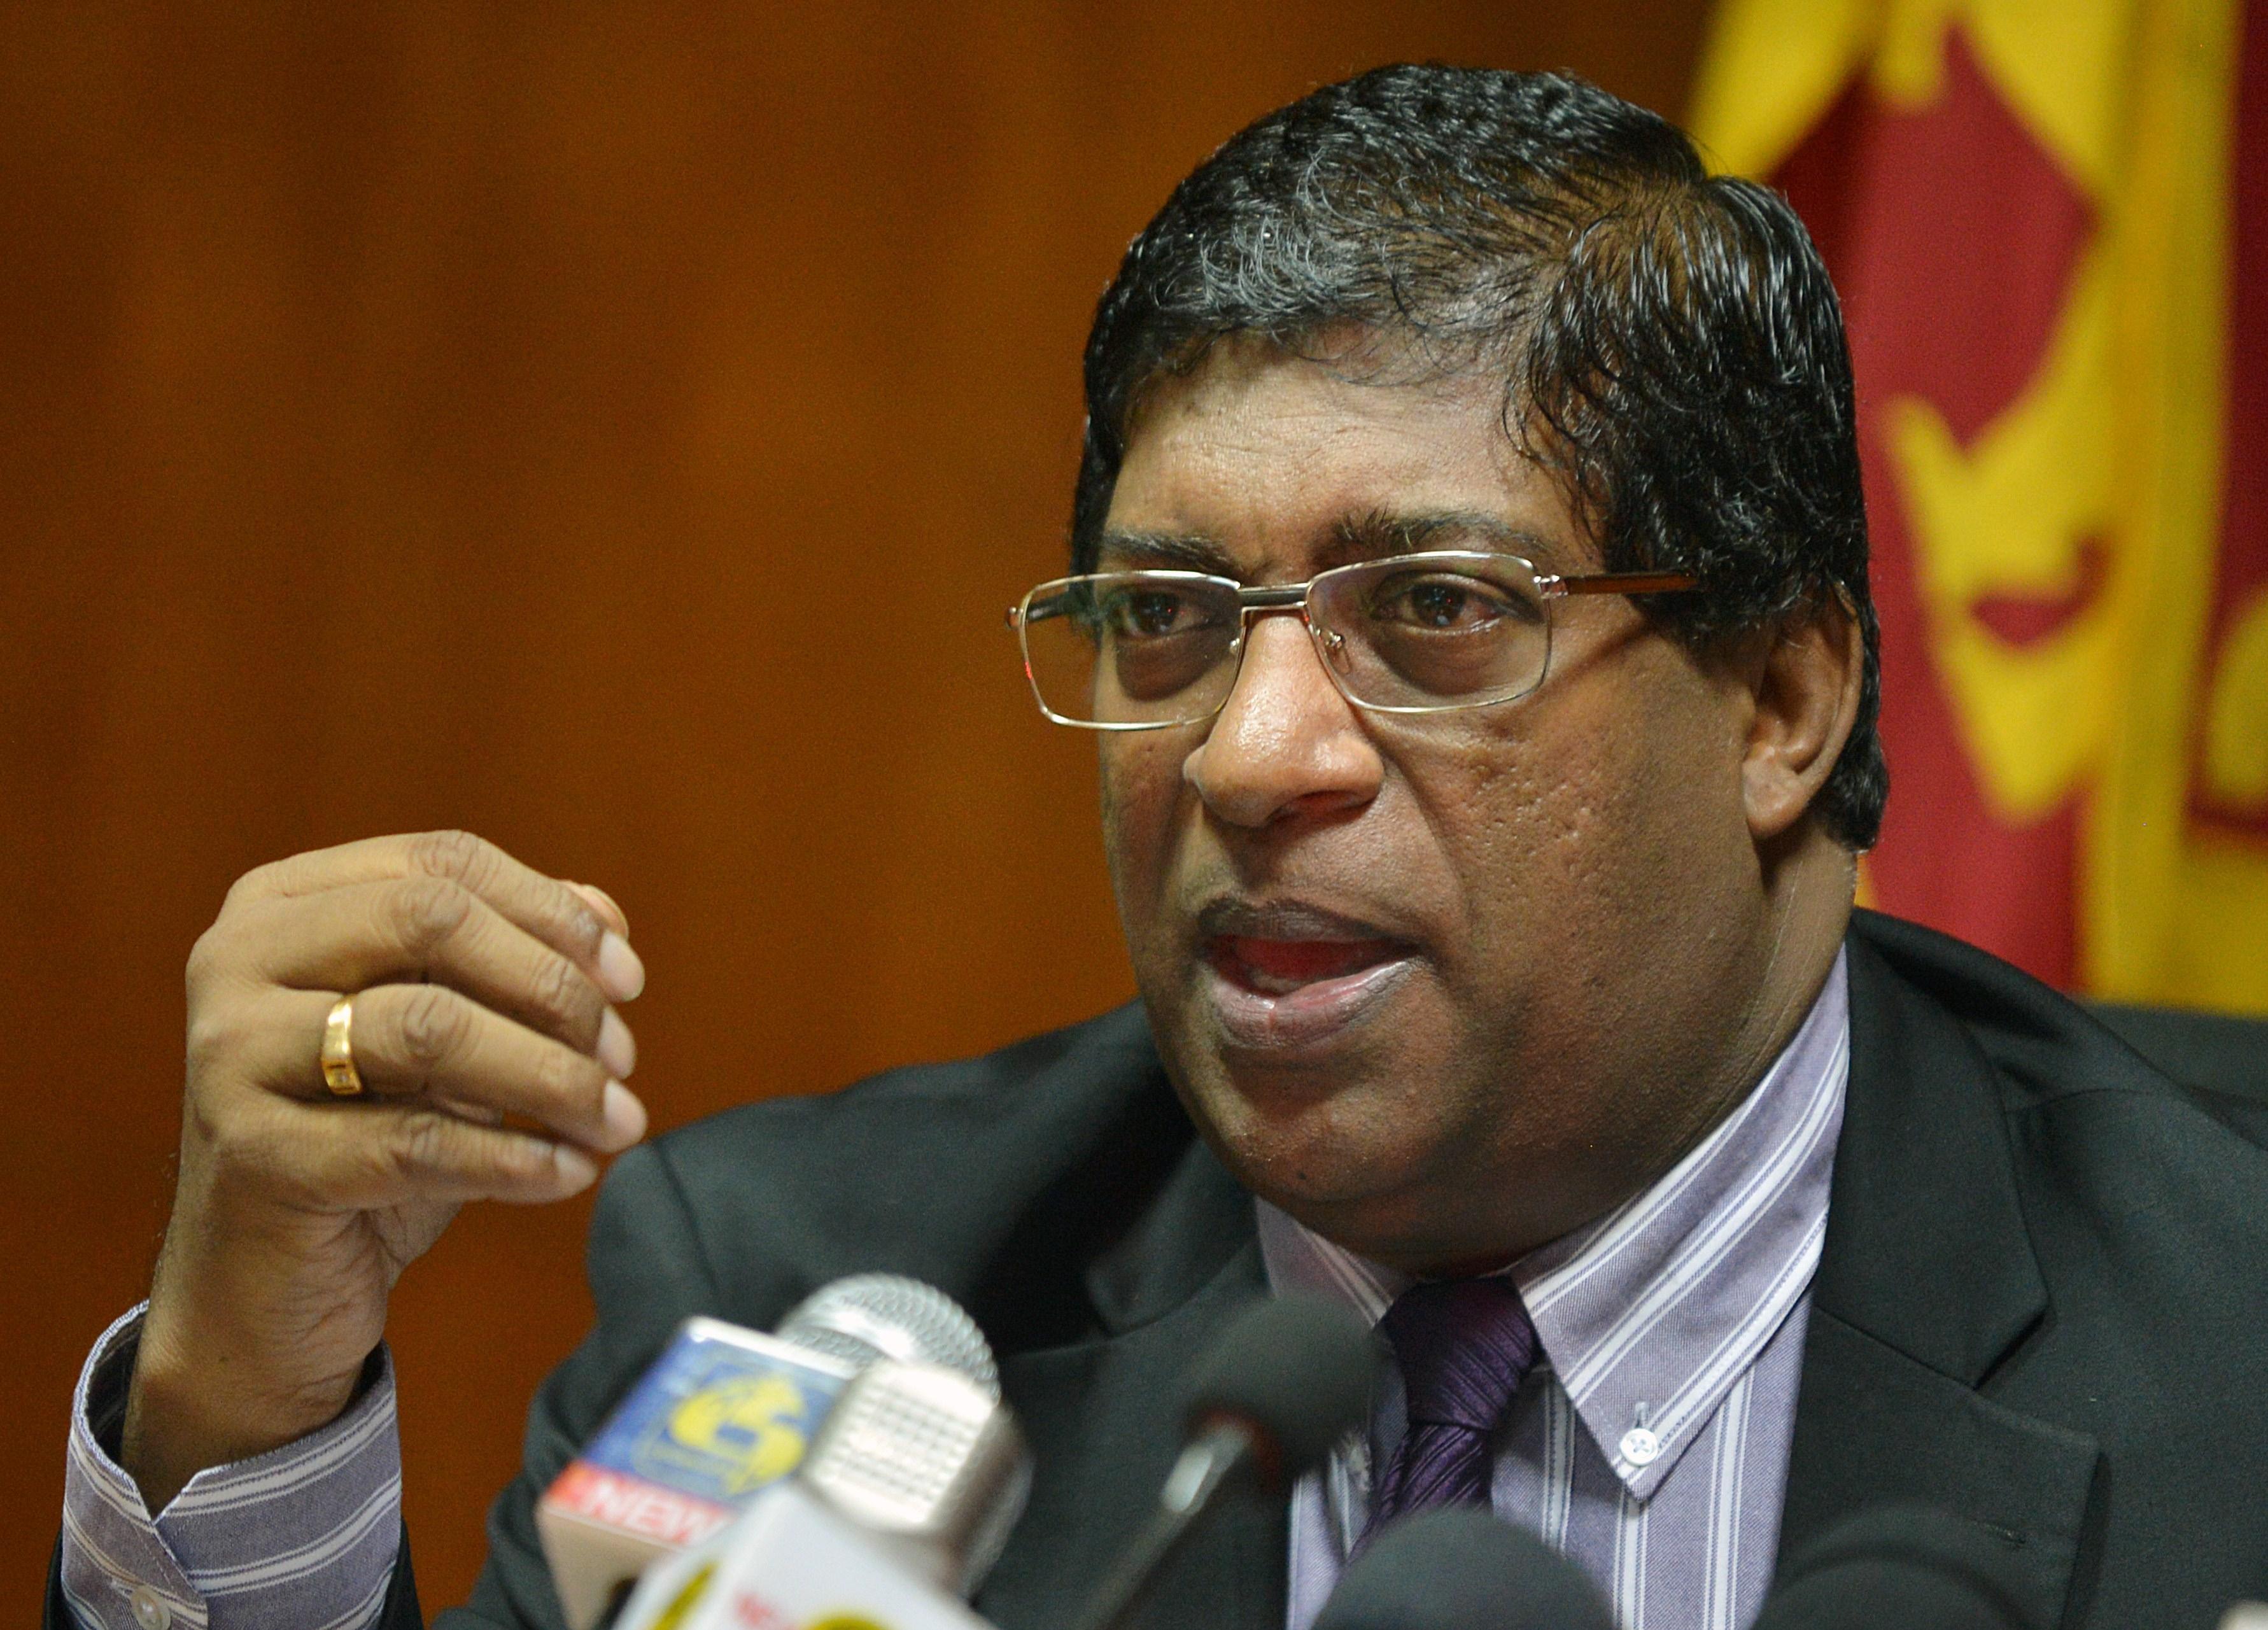 Sri Lanka's Finance Minister Ravi Karunanayake speaks to reporters in Colombo, Sri Lanka, on July 15, 2015